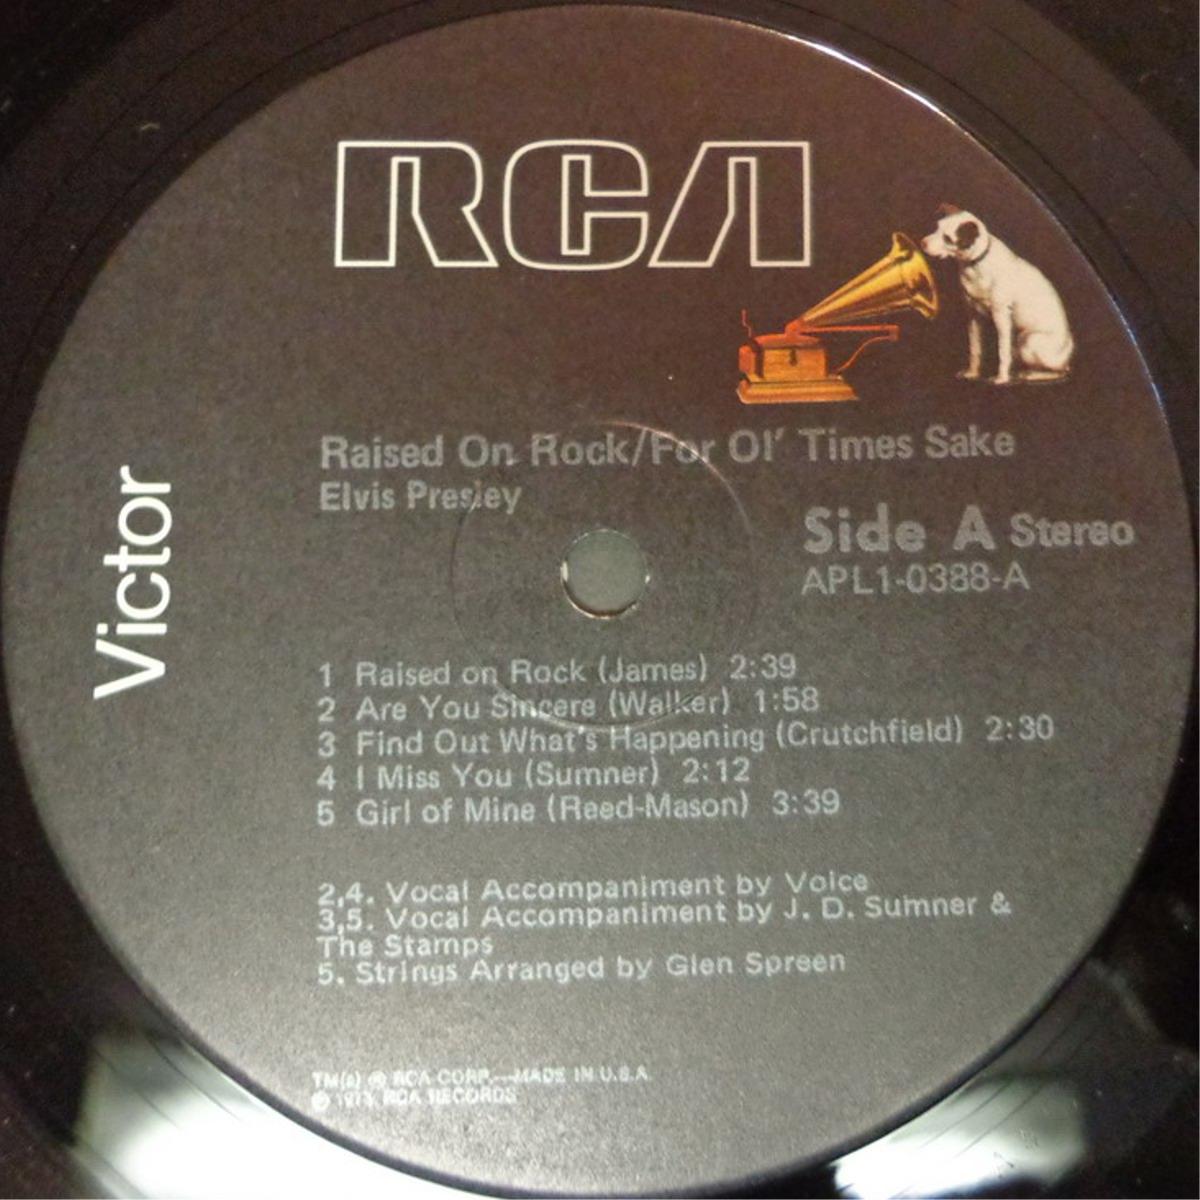 RAISED ON ROCK / FOR OL' TIMES SAKE Apl1-0388ca2sga